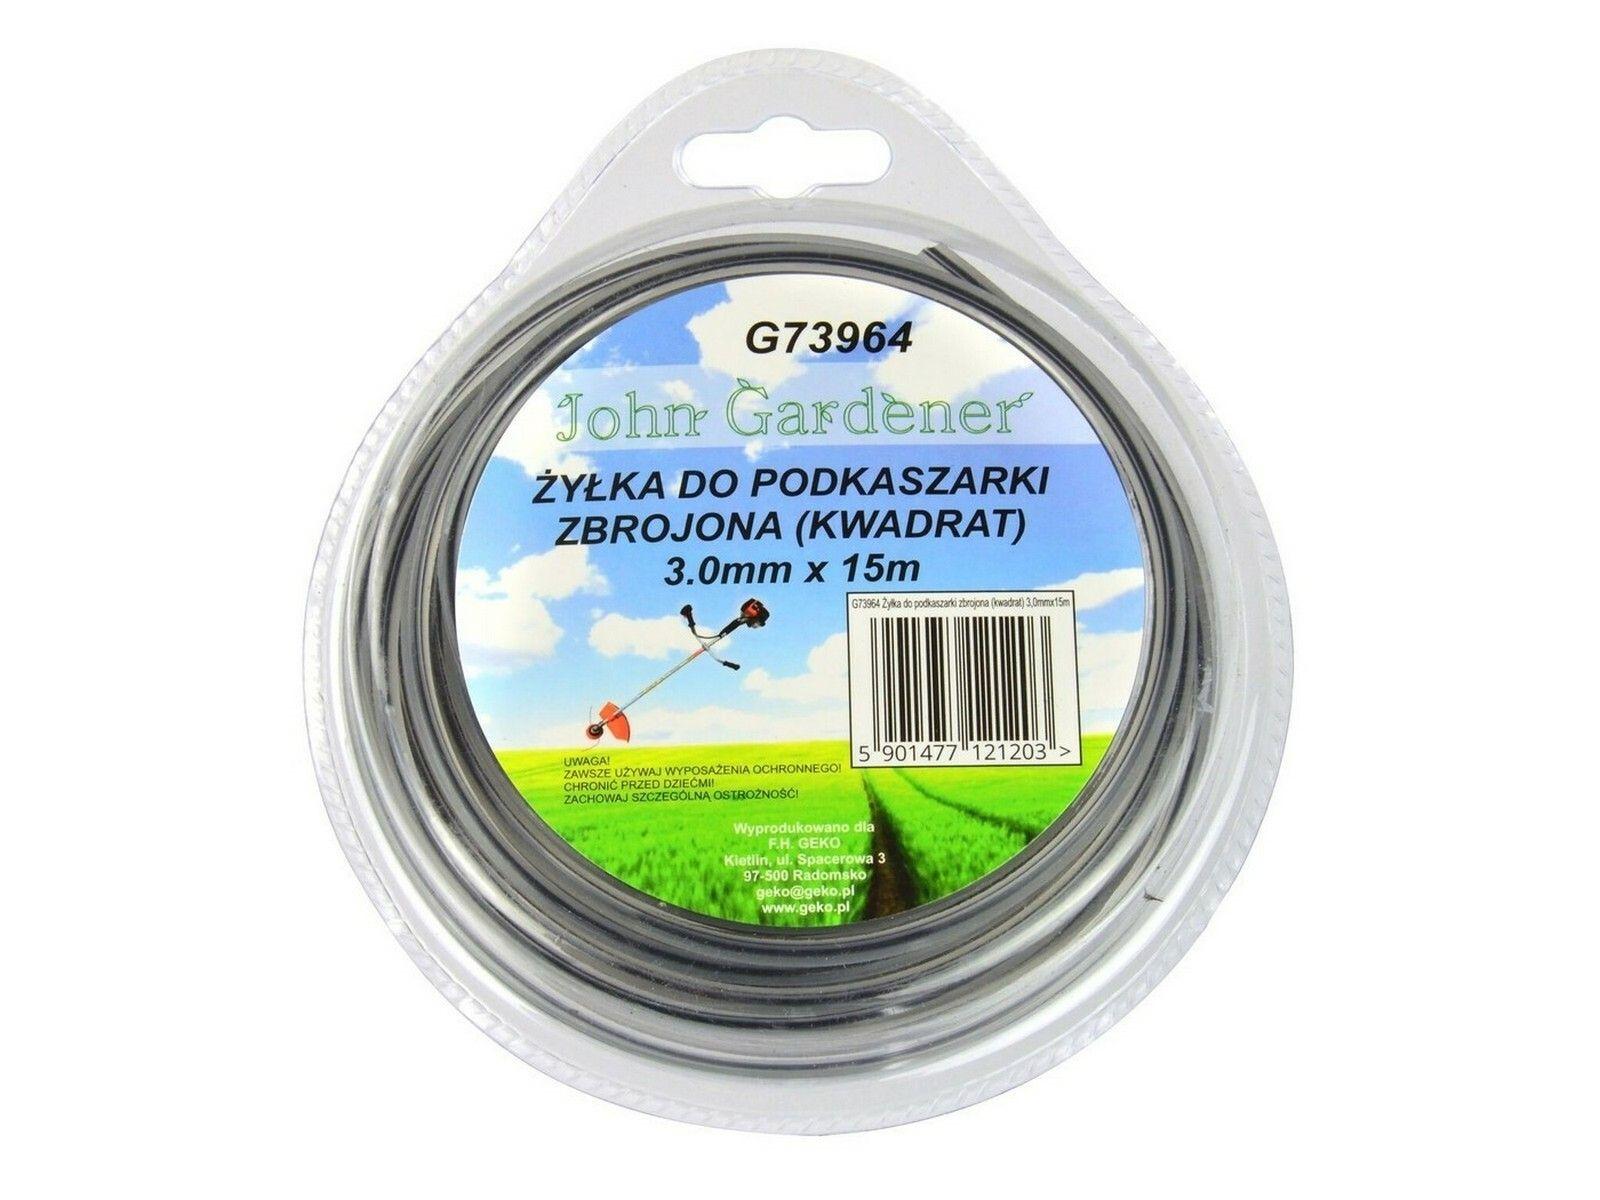 Fotografie Struna do sekačky zesílená, 3,0mm, 15m, čtvercový profil, nylon GEKO